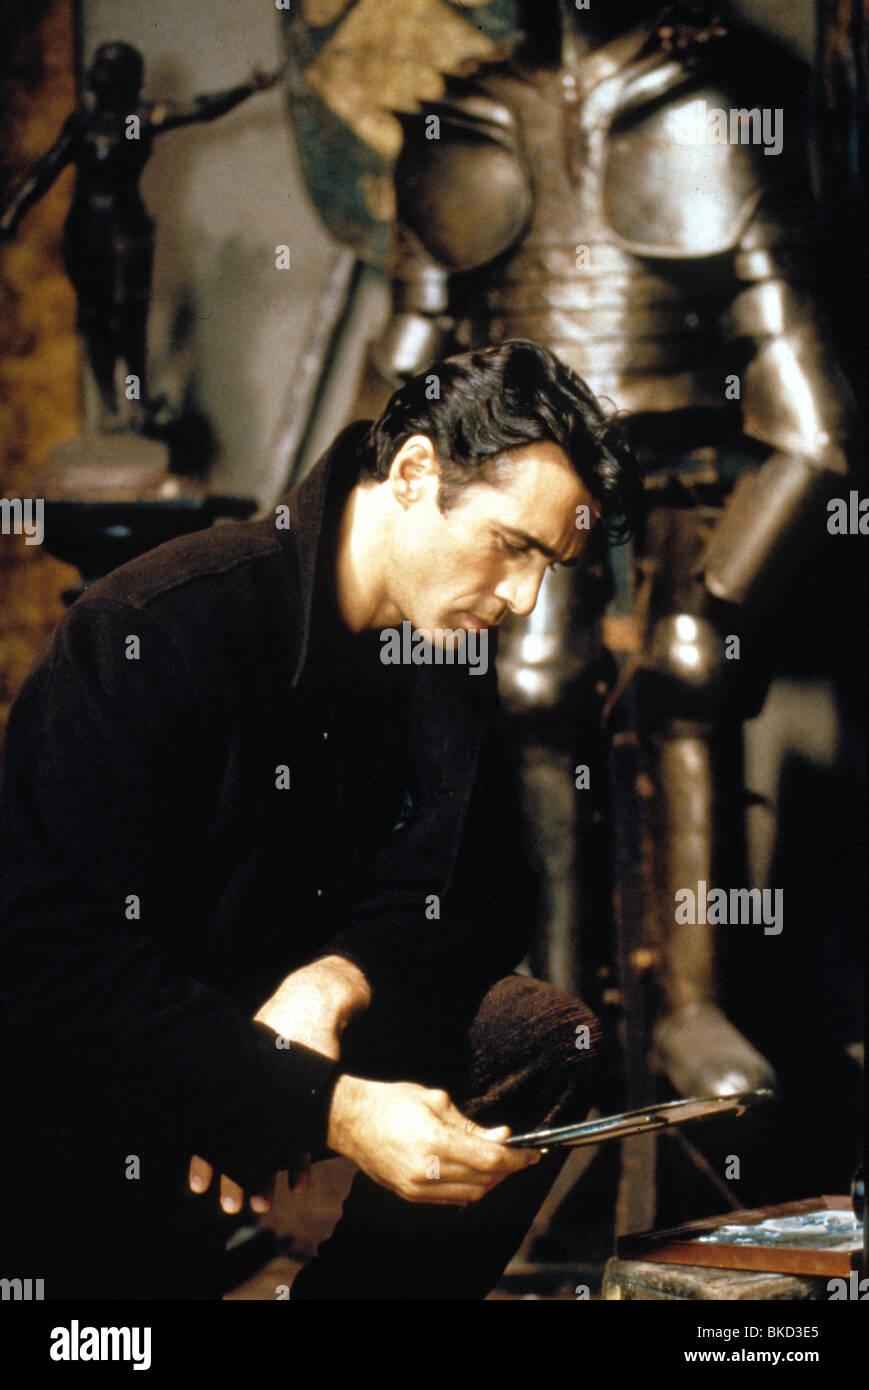 HIGHLANDER 4: ENDGAME (2000) ADRIAN PAUL HLEG 002 - Stock Image